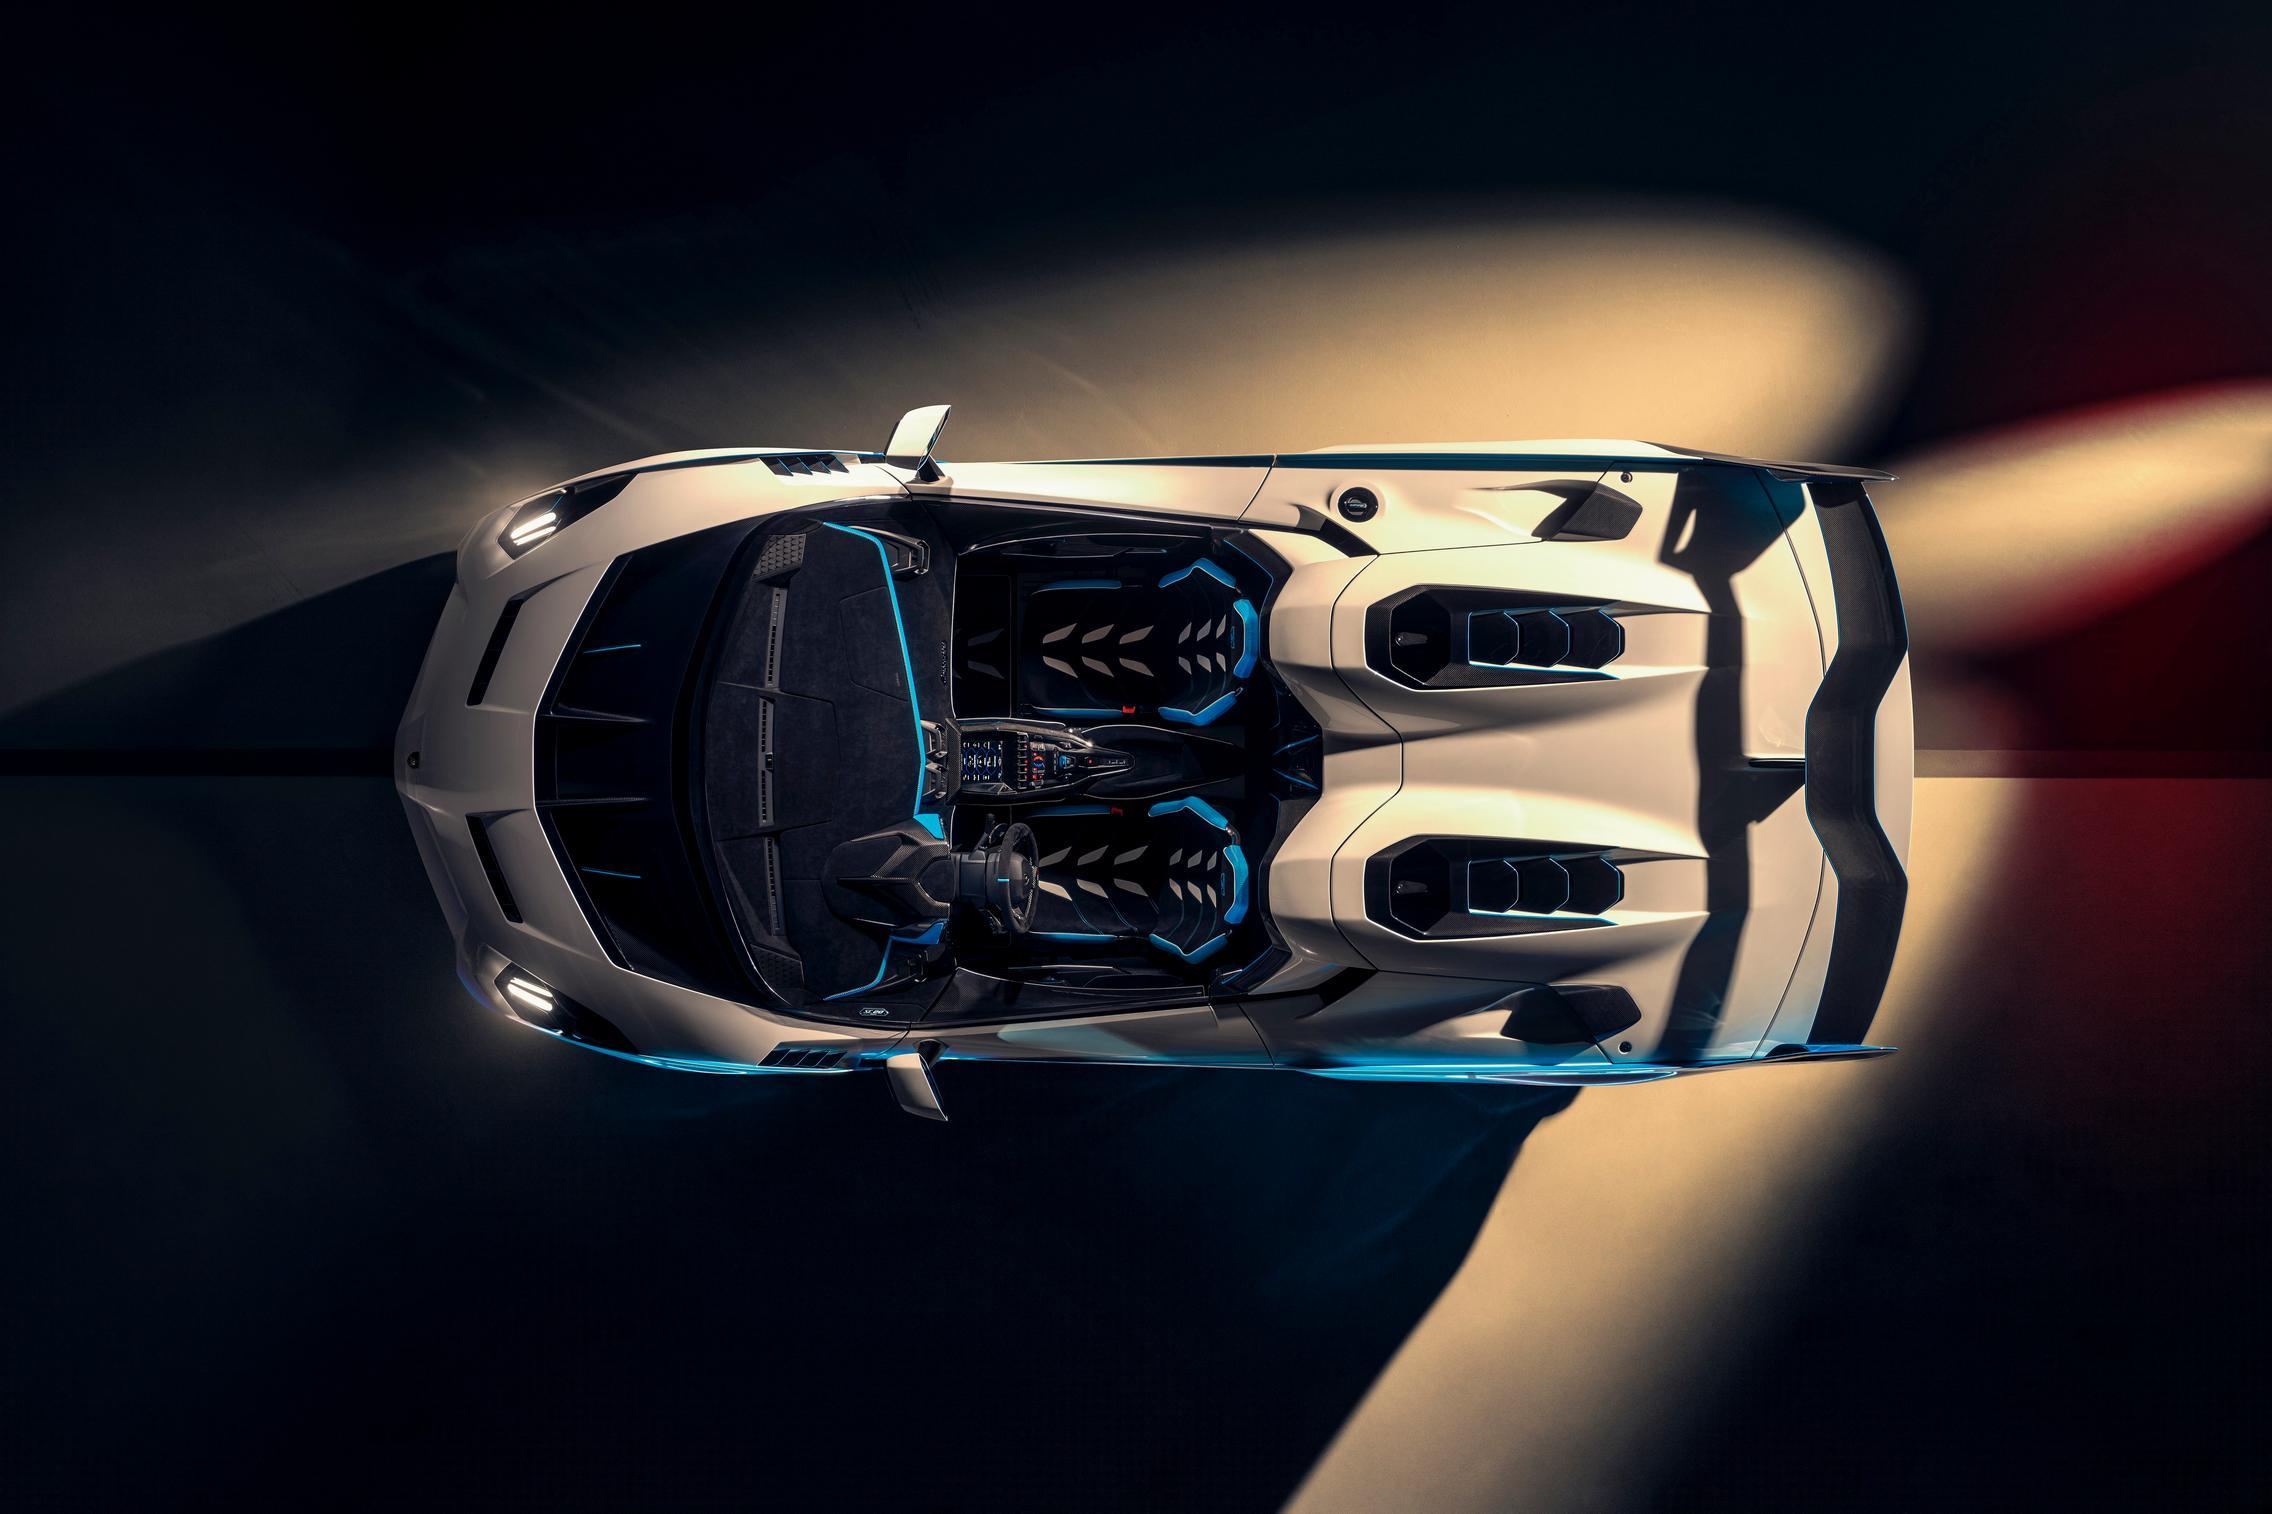 Lamborghini SC20 roof